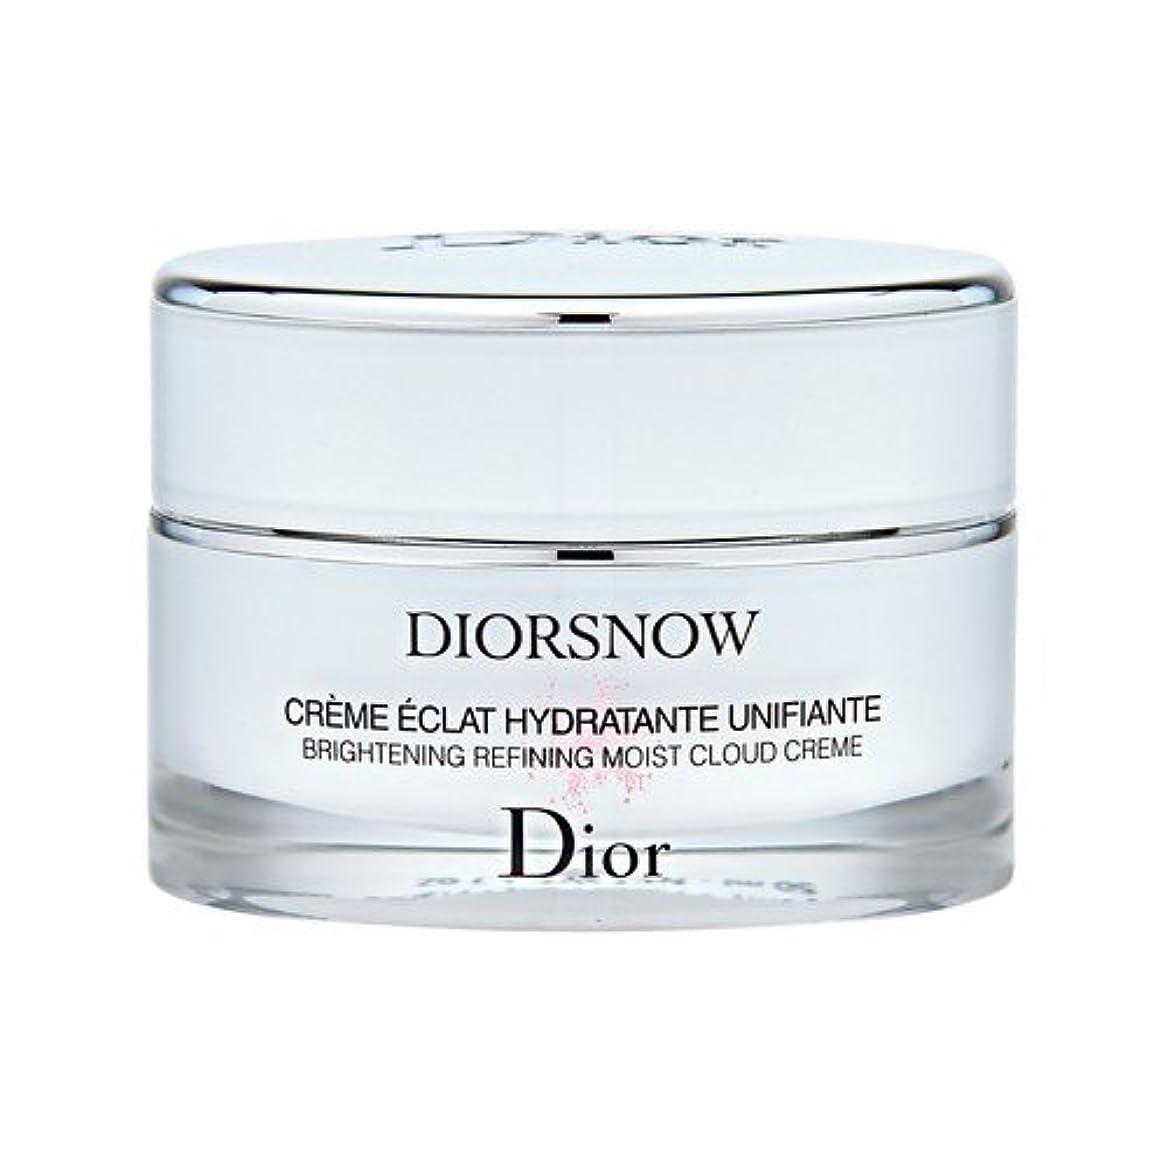 クリスチャン ディオール(Christian Dior) スノー ブライトニング モイスト クリーム 50ml[並行輸入品]